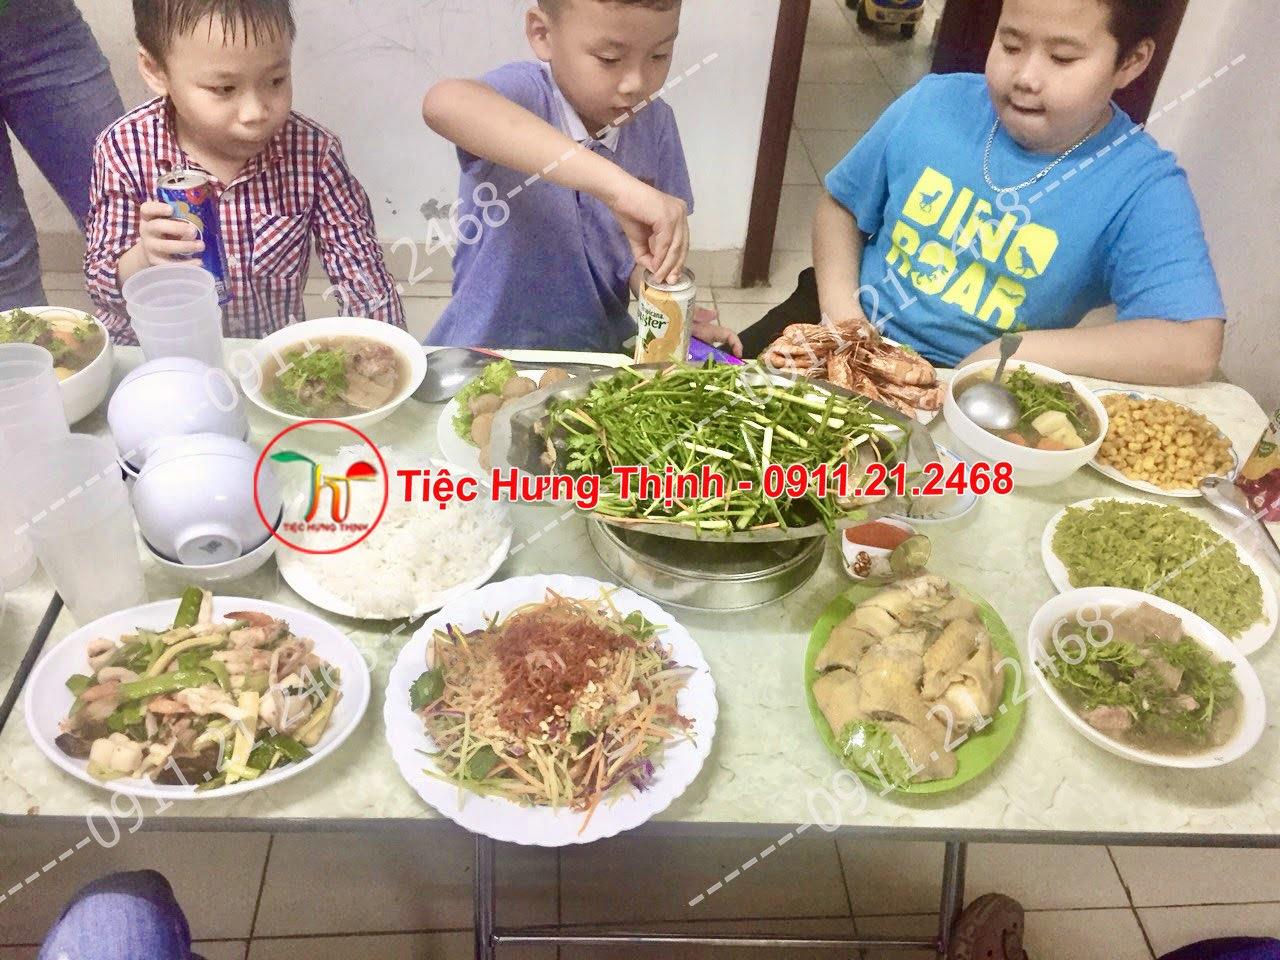 Đặt cỗ tại nhà ở Phương Liệt 0911212468